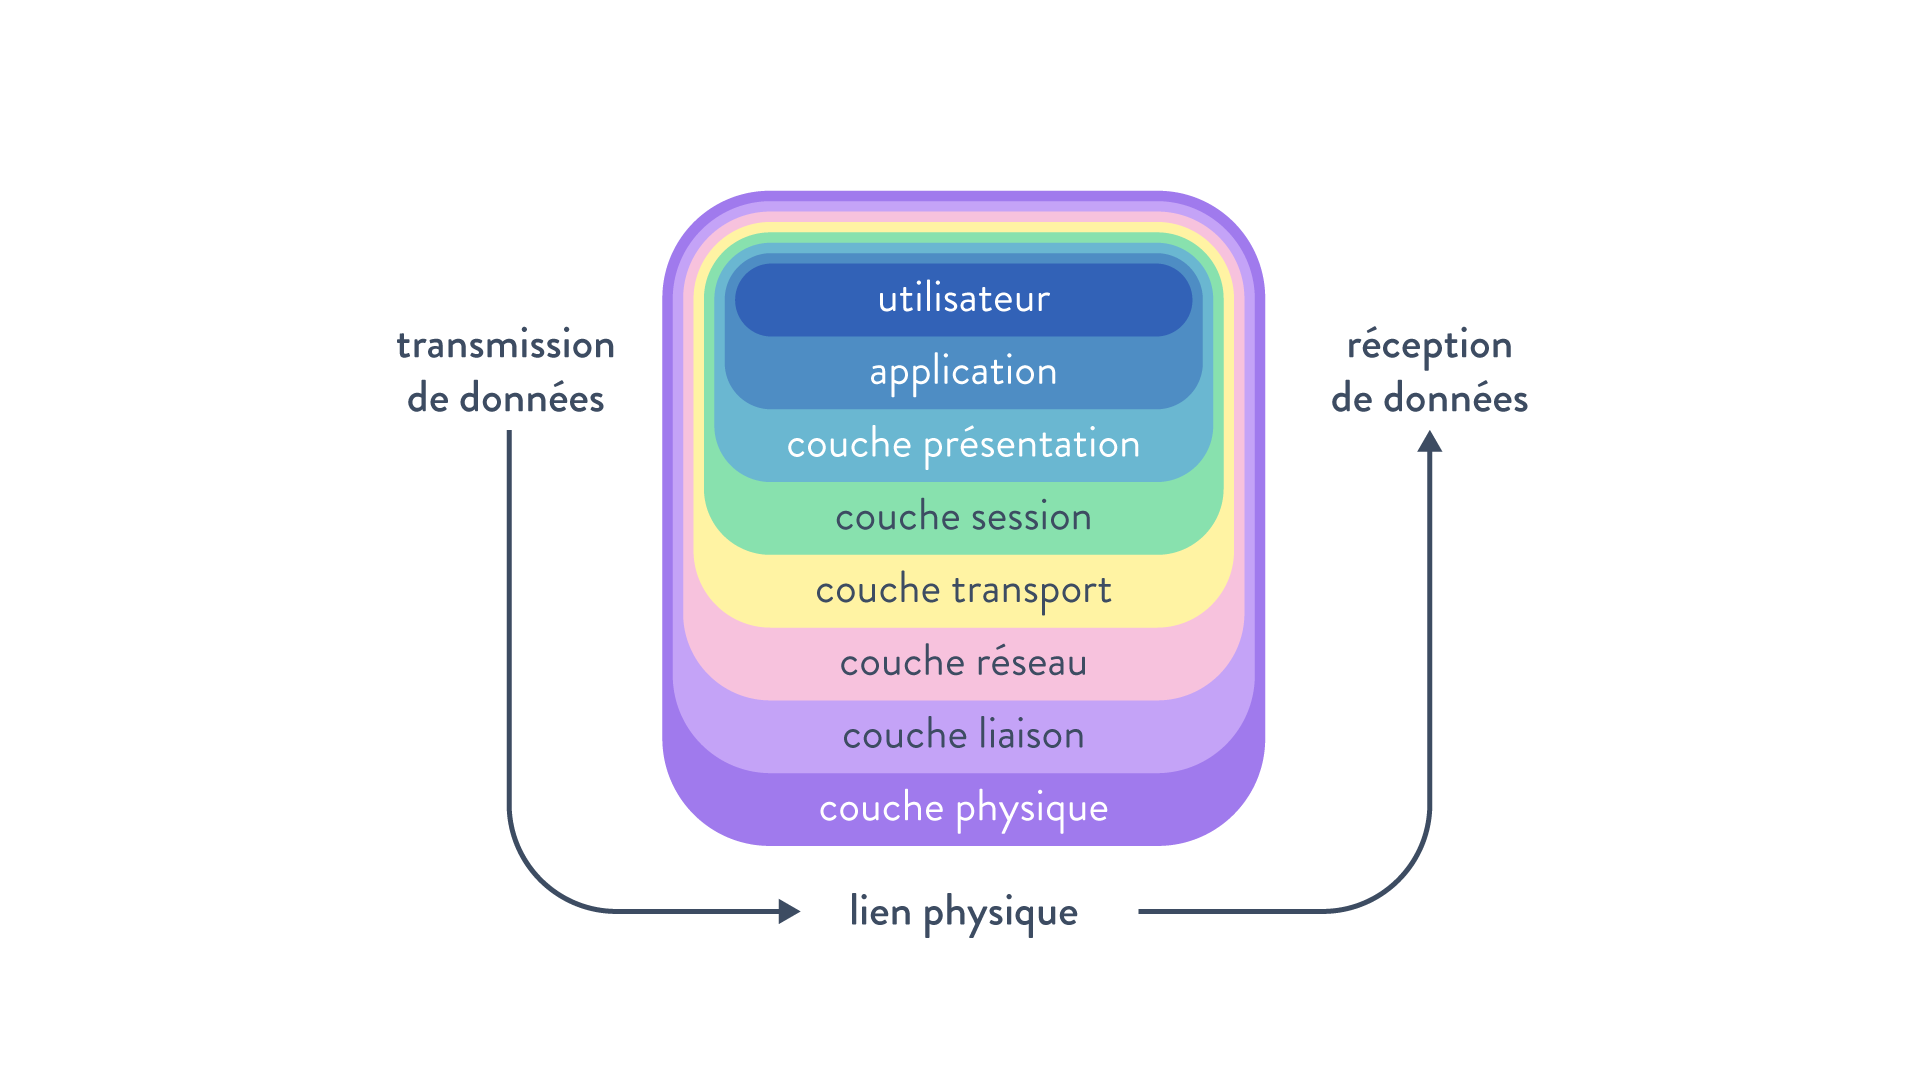 Couches modèle tcp/ip utilisateur applicaation présentation session transport réseau liaison physique données